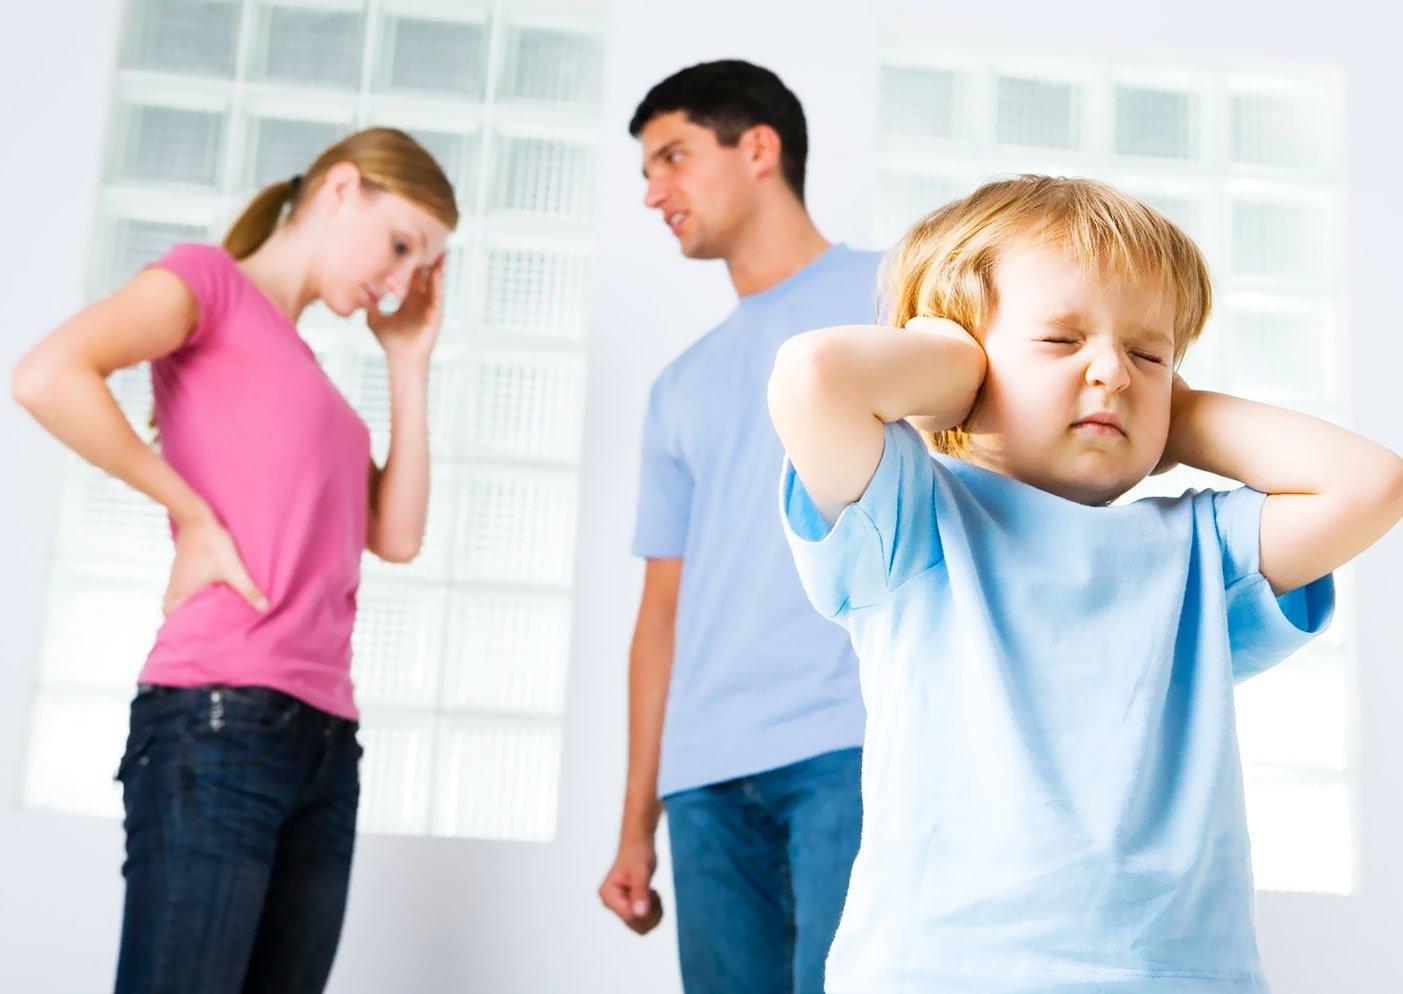 Закон о выплате алиментов на ребенка